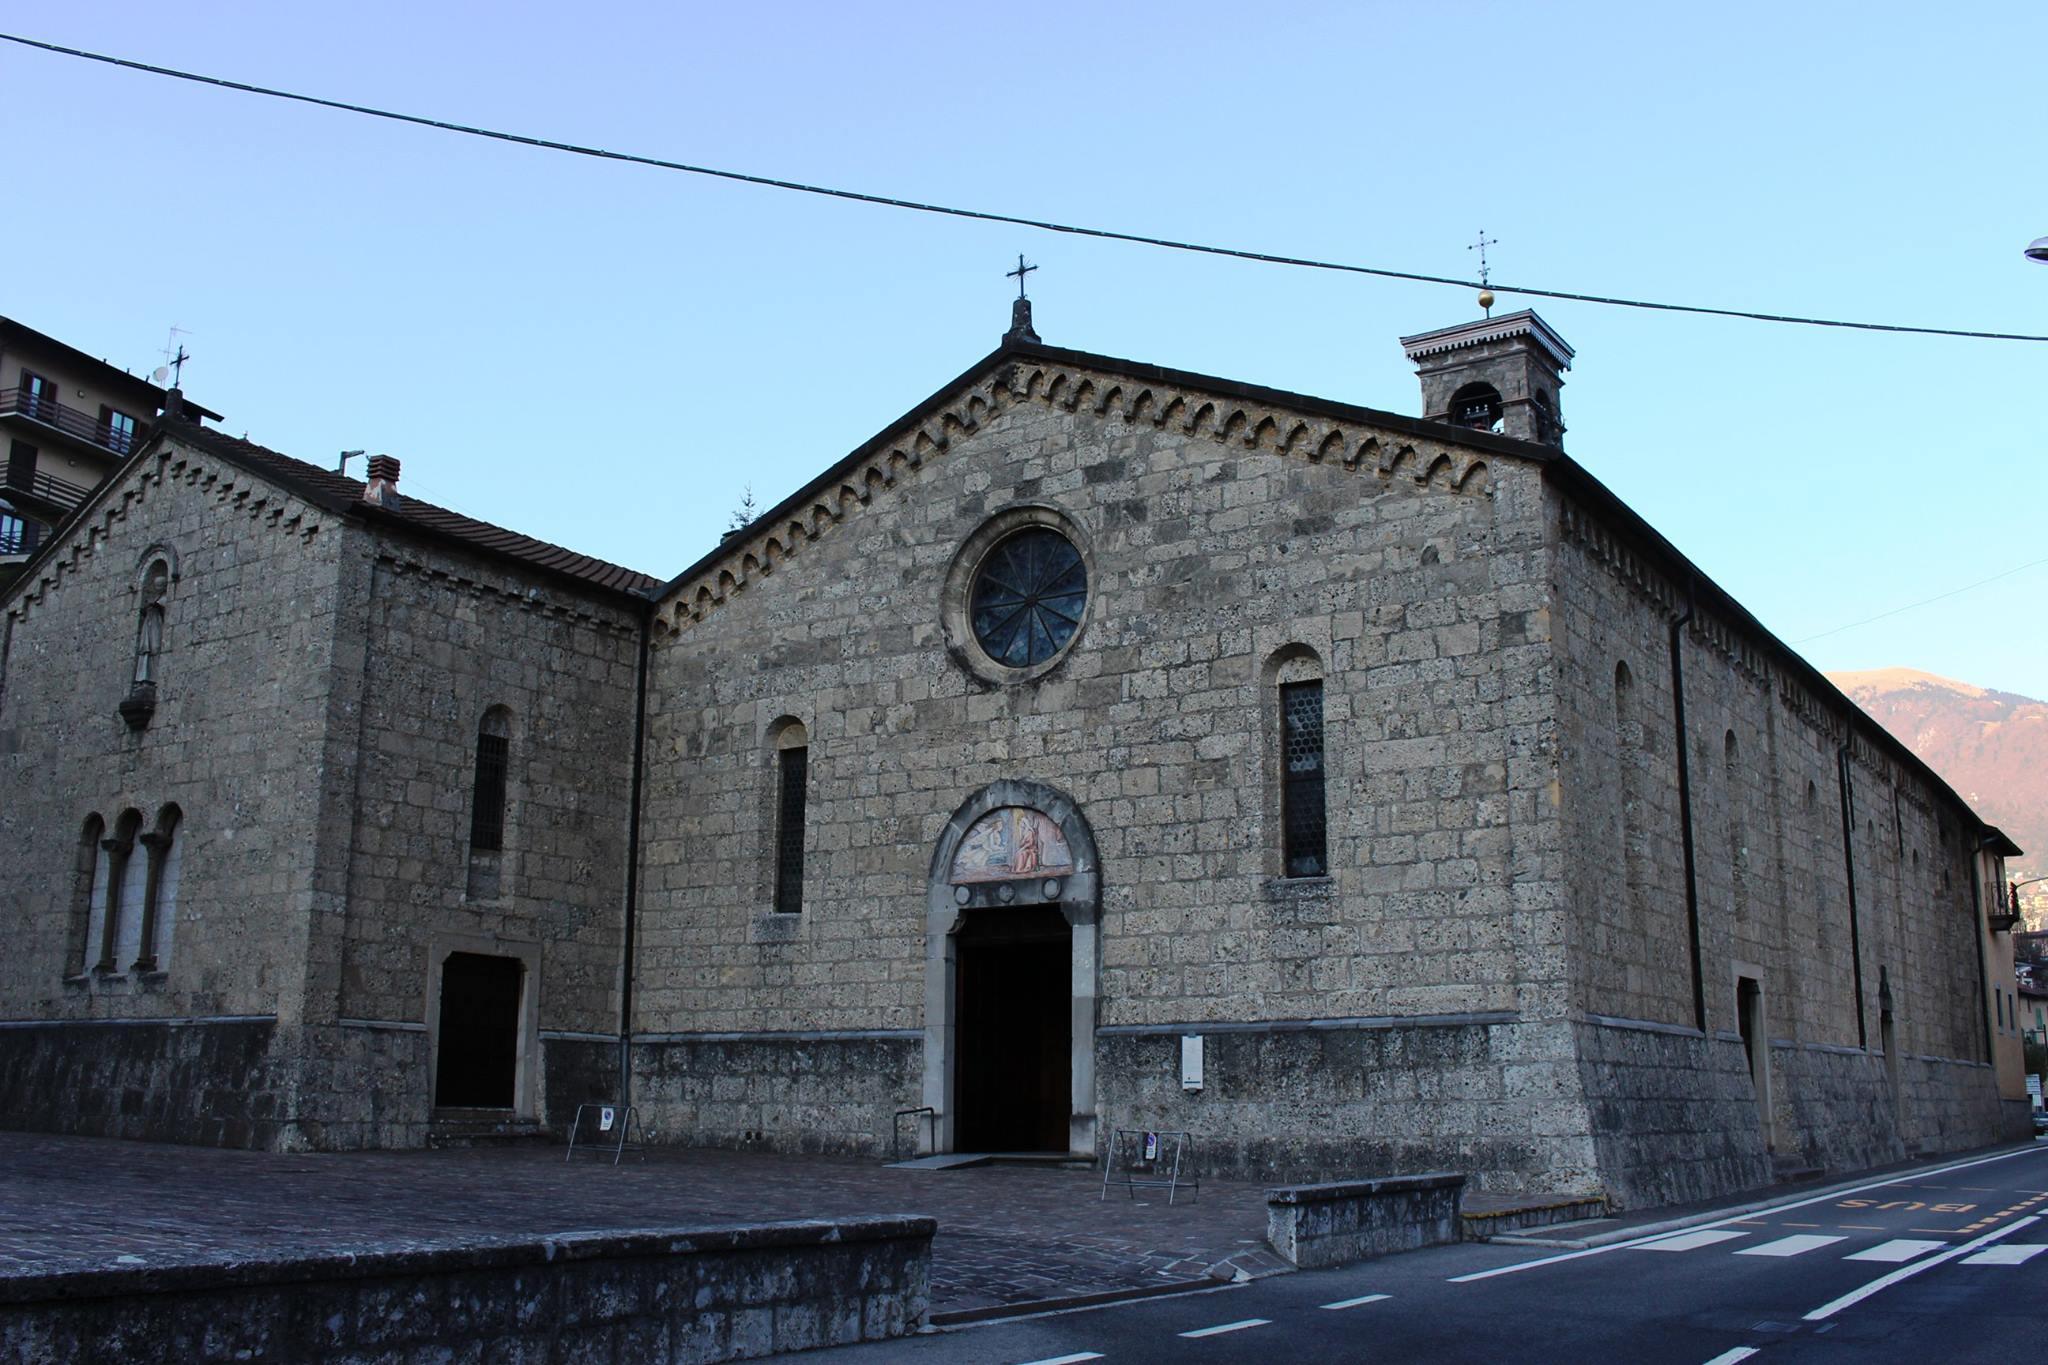 santuari da visitare in lombardia